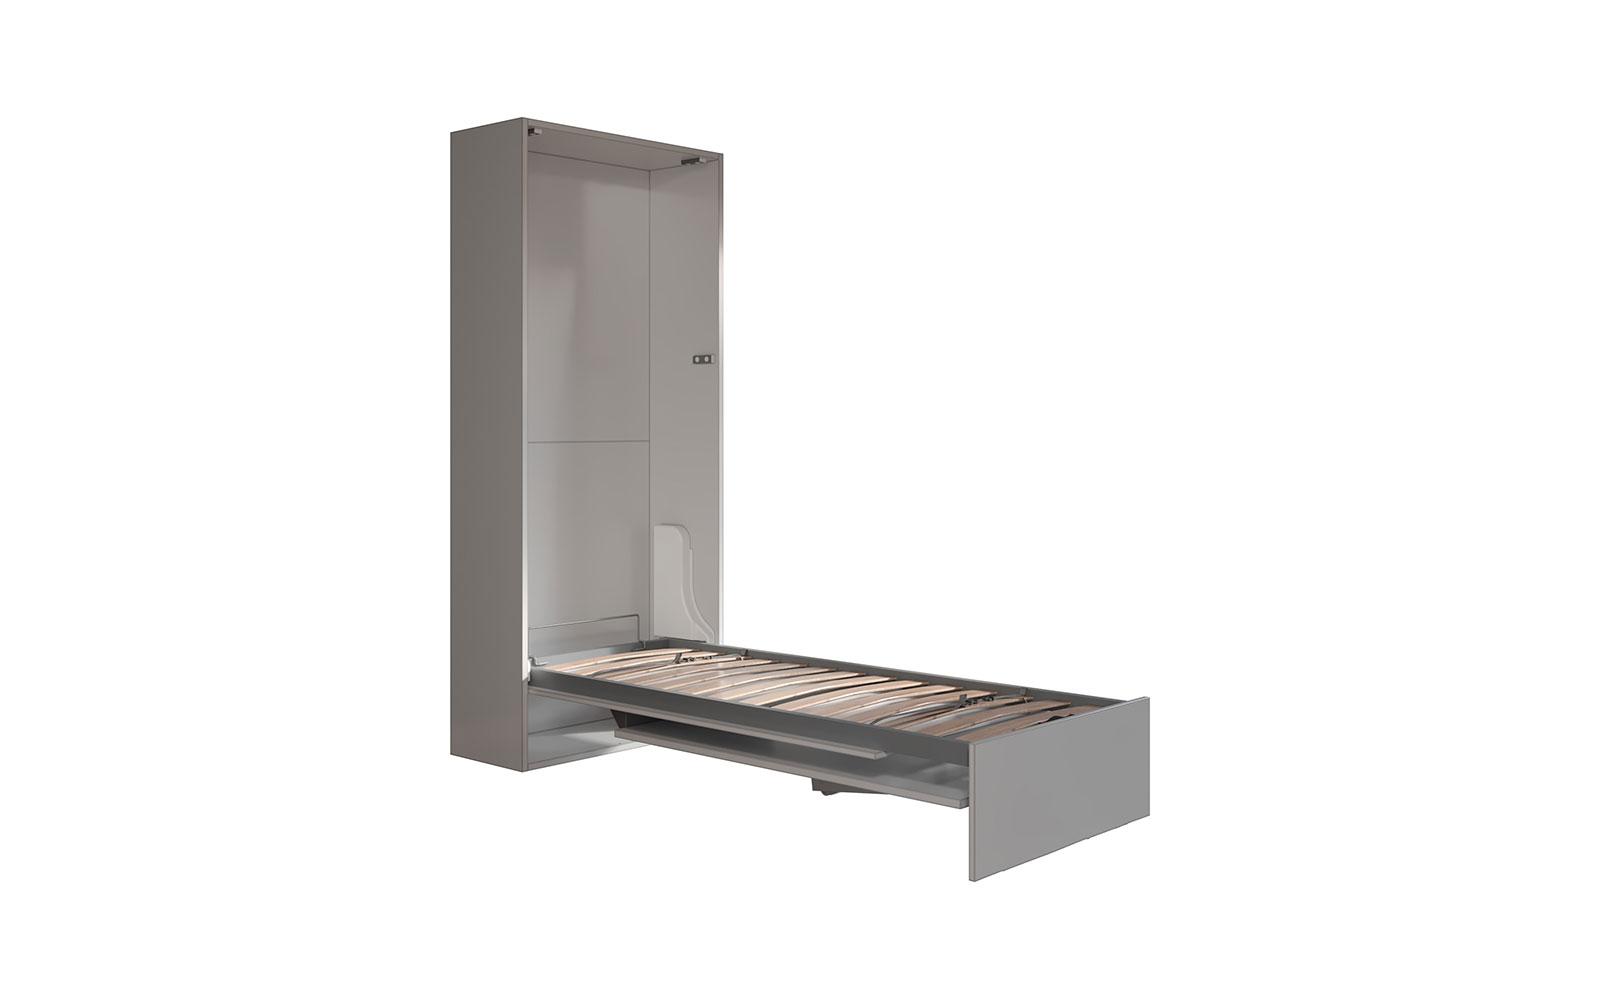 Aria Tabla 85 - Letto a scomparsa con tavolino automatico rete singola